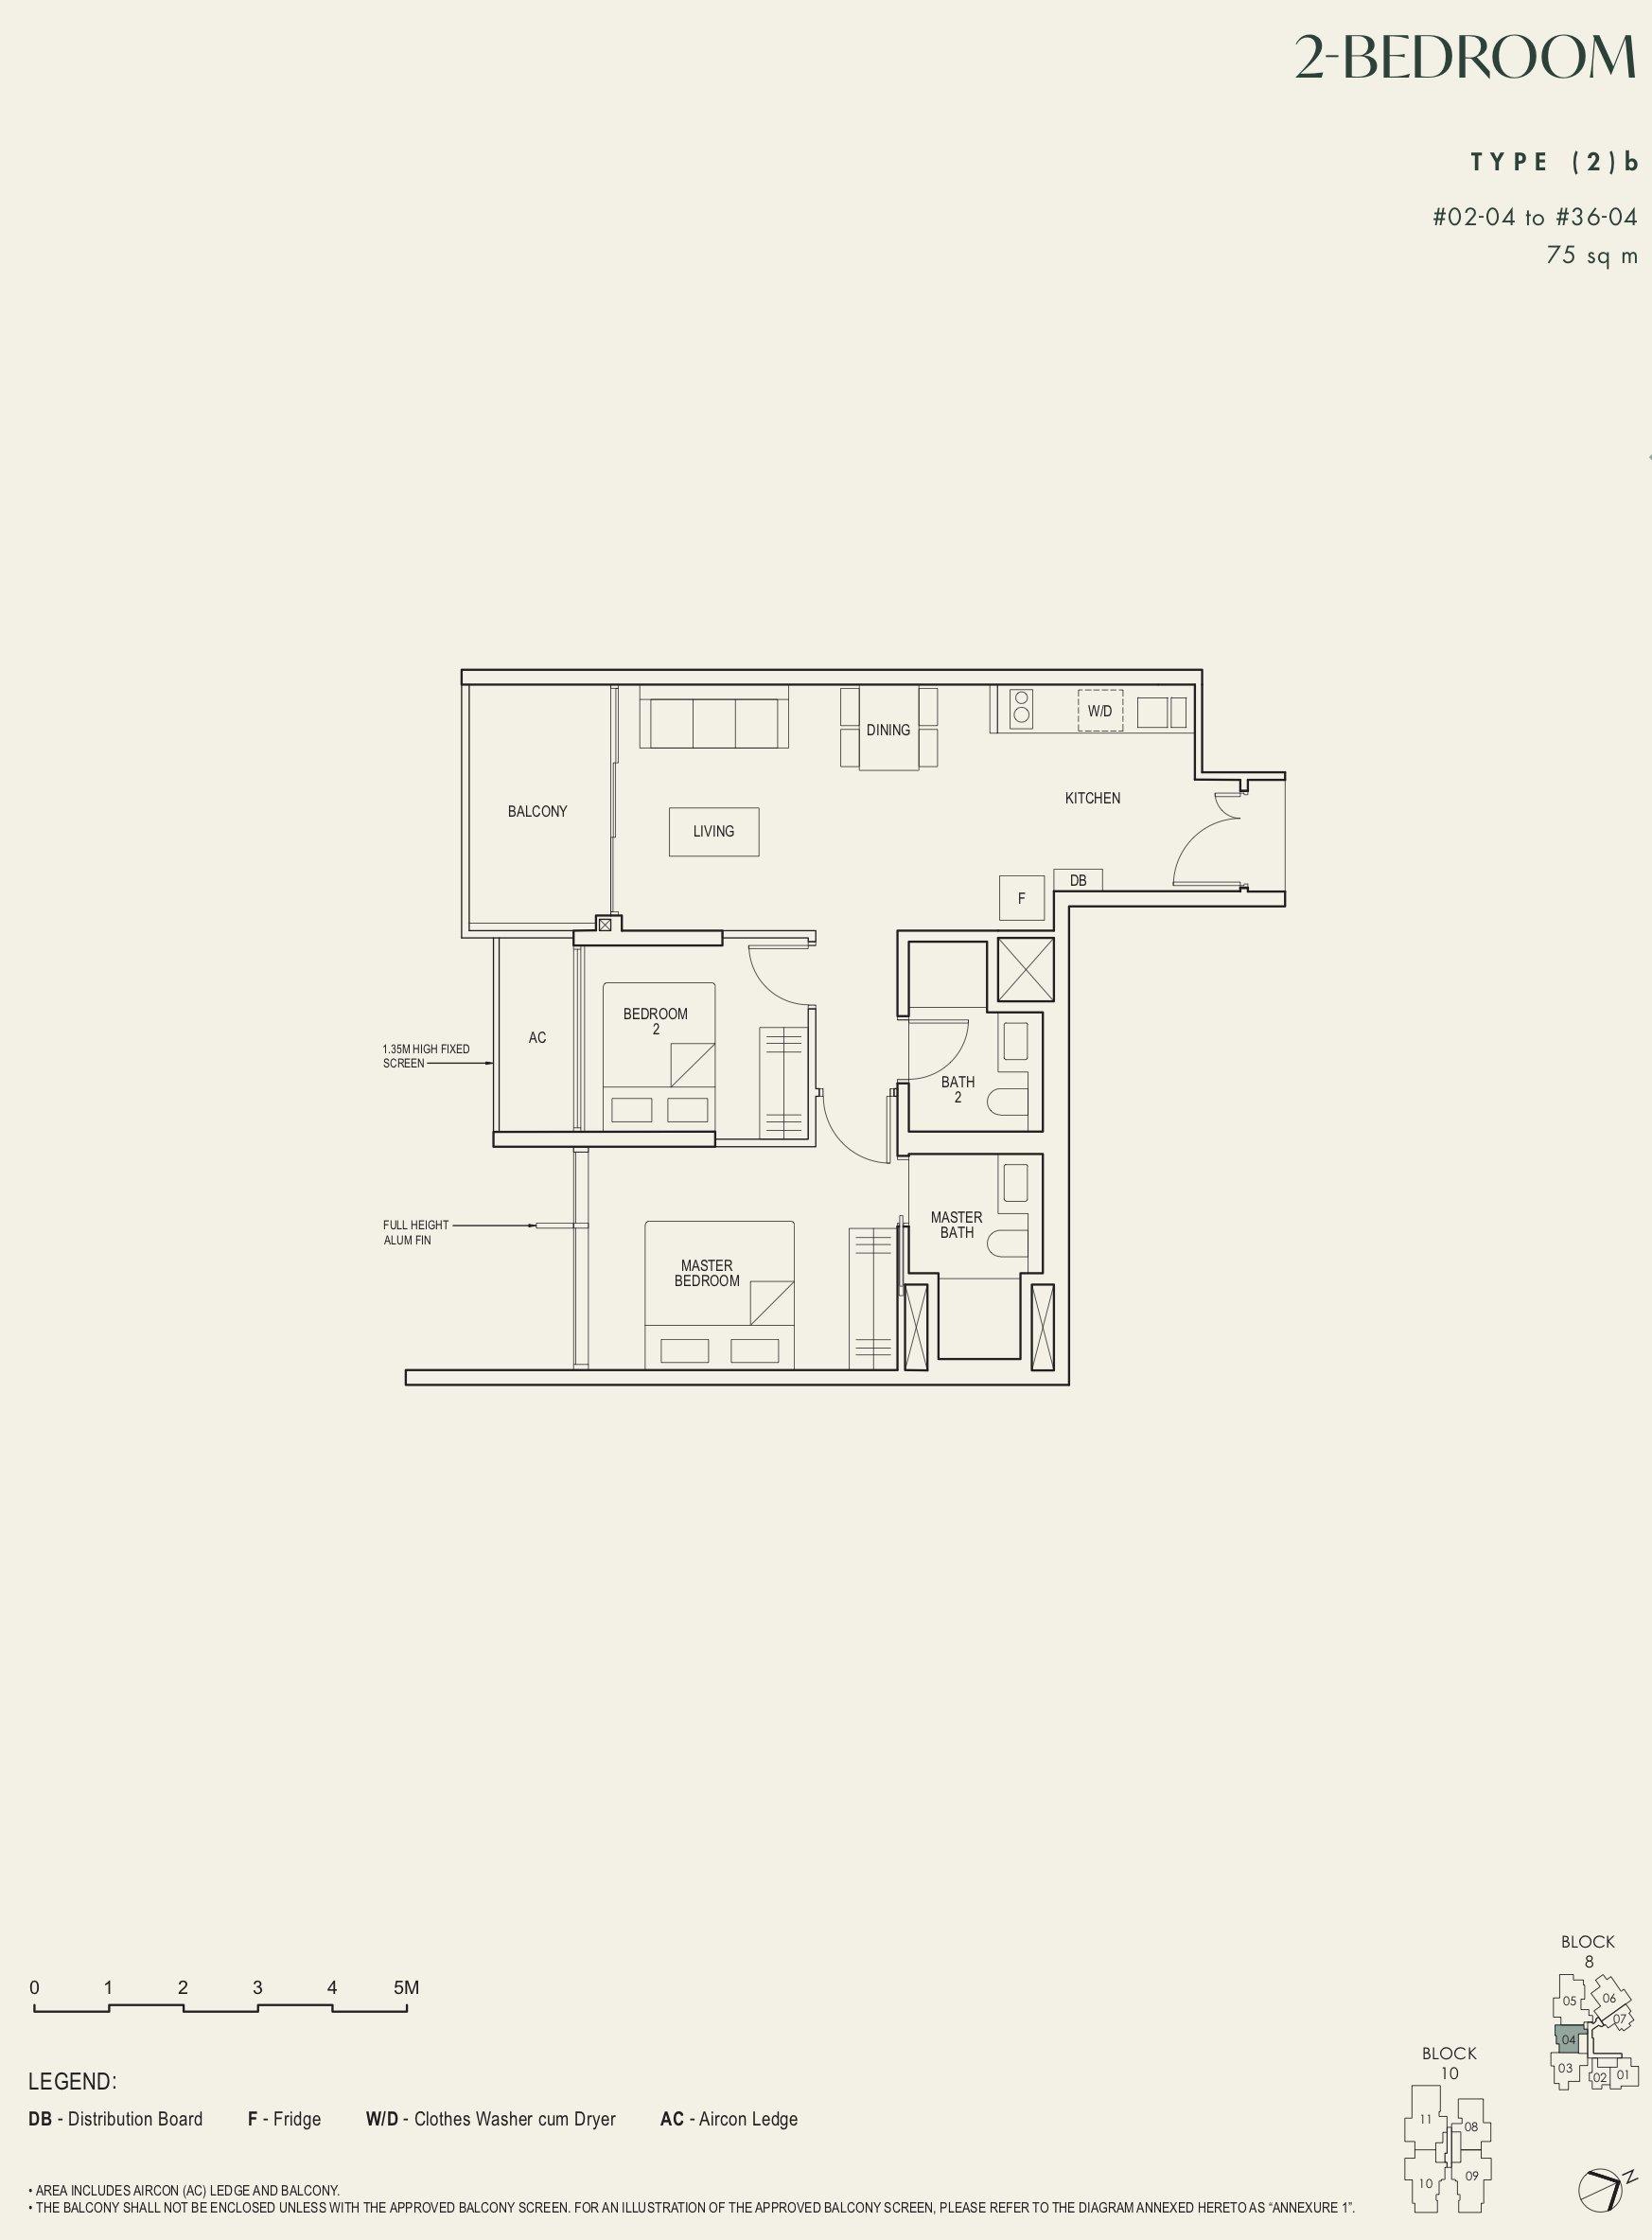 The Avenir 2 bedroom 2b floor plan